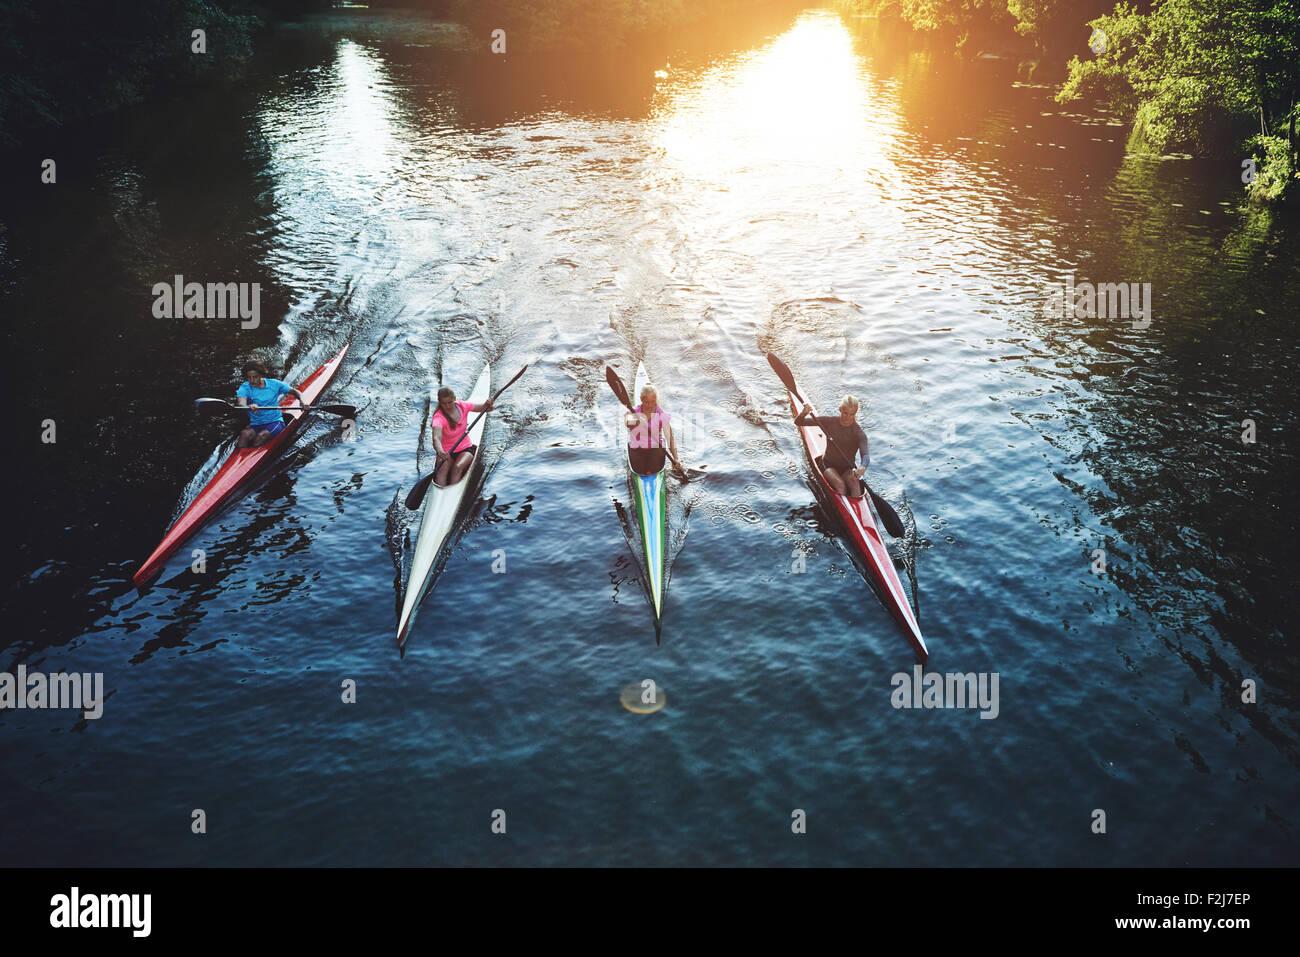 Equipo de remo navegando contra personas cámara en Sunset Imagen De Stock